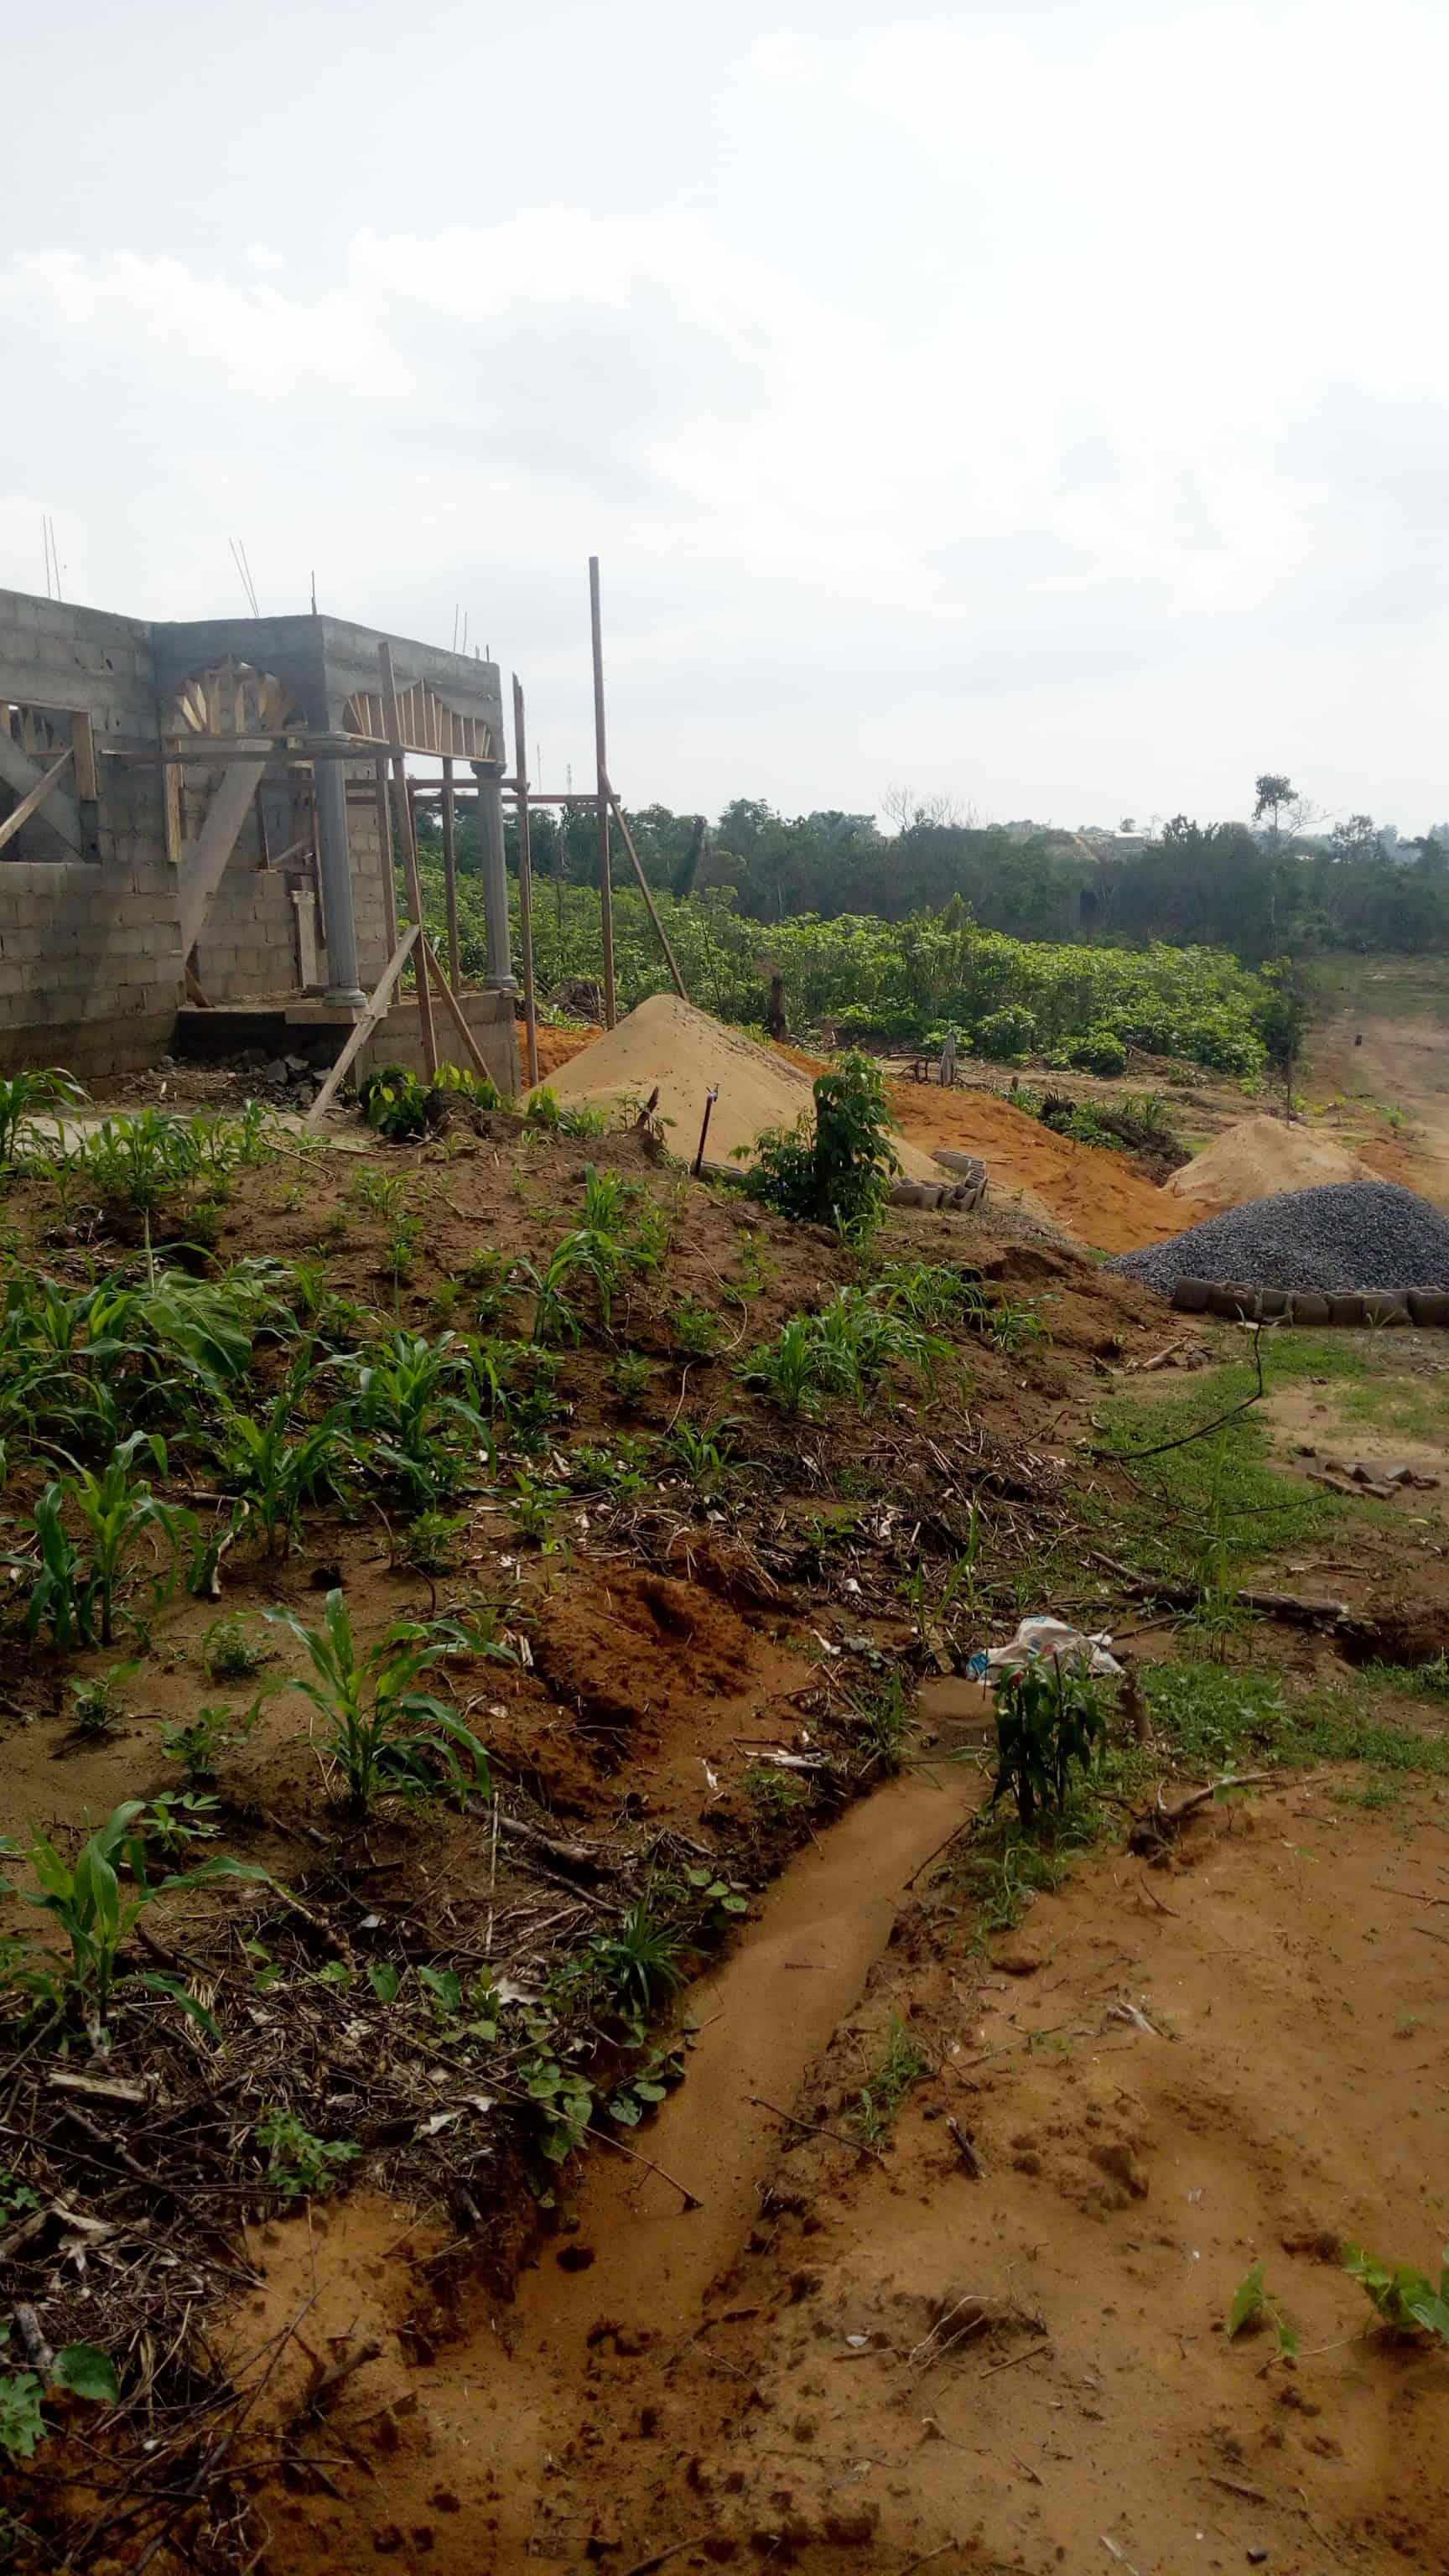 Land for sale at Douala, PK 21, Nkolbon et église - 12000 m2 - 7 000 000 FCFA